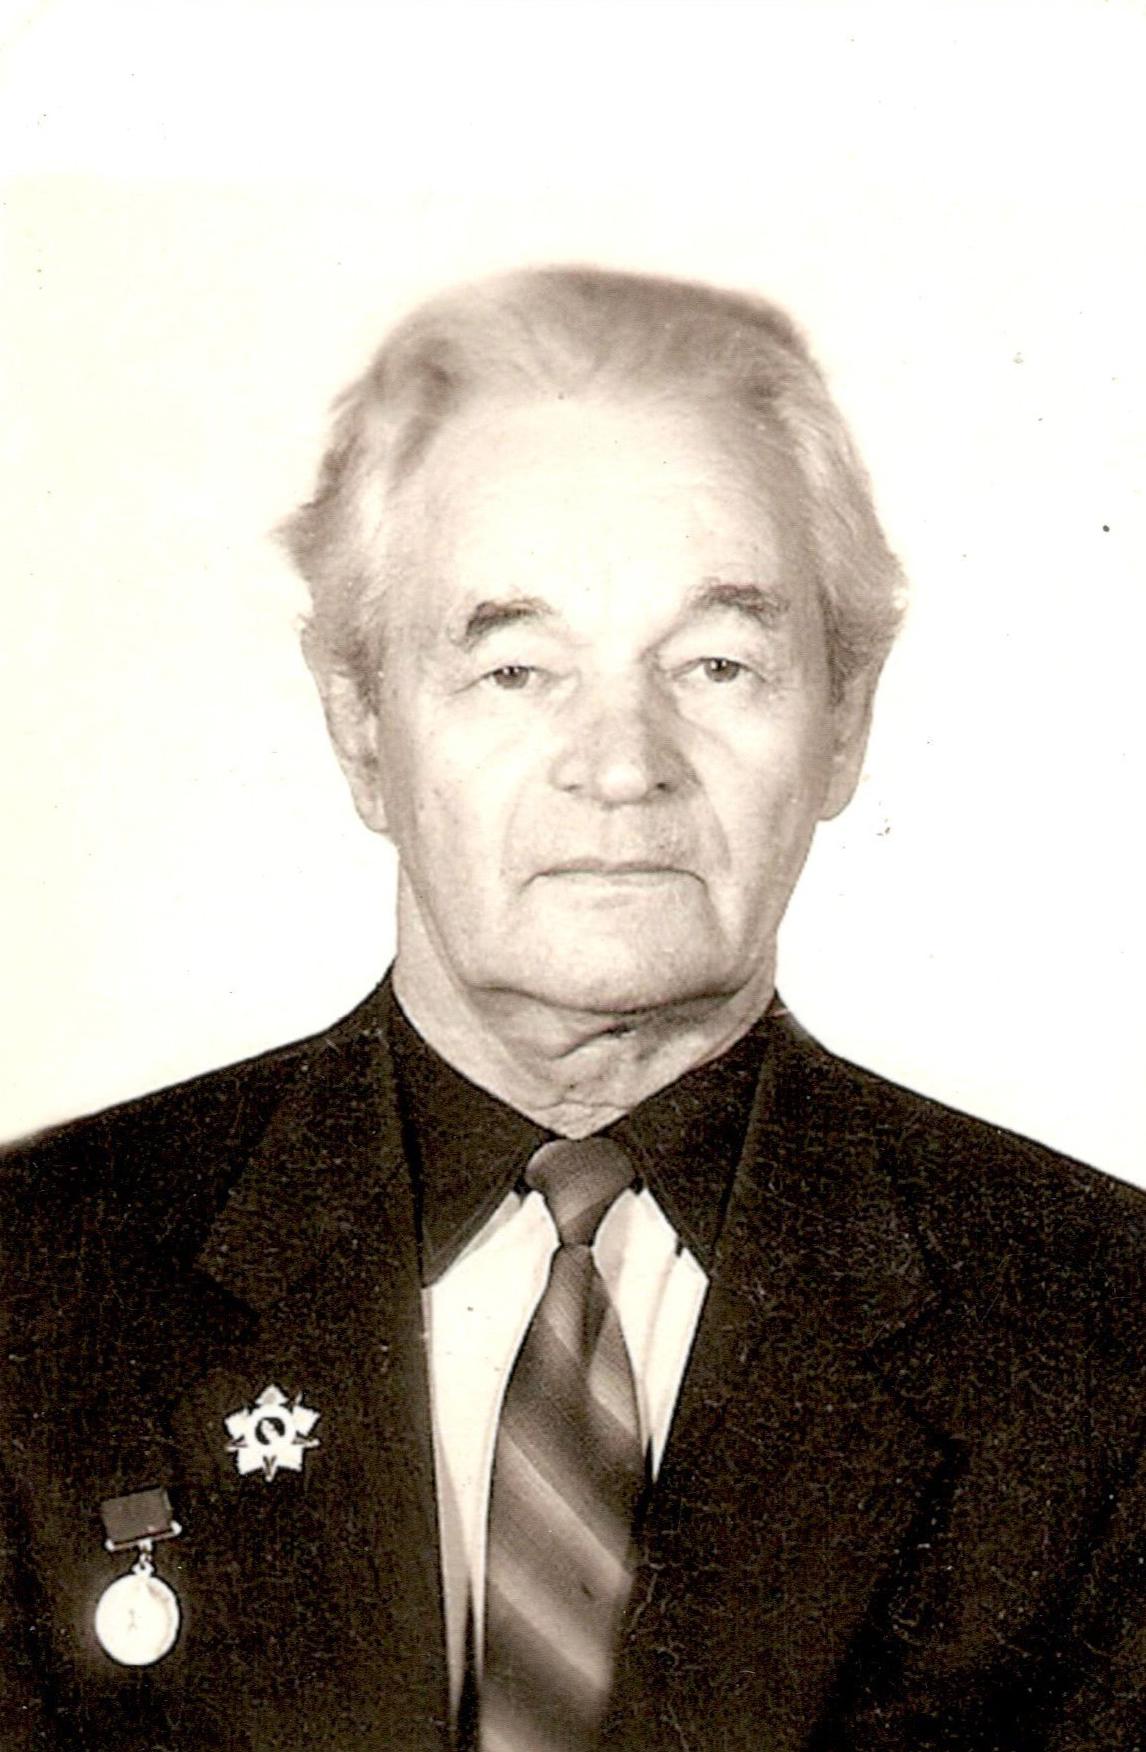 Фото из архива семьи Семенцовых